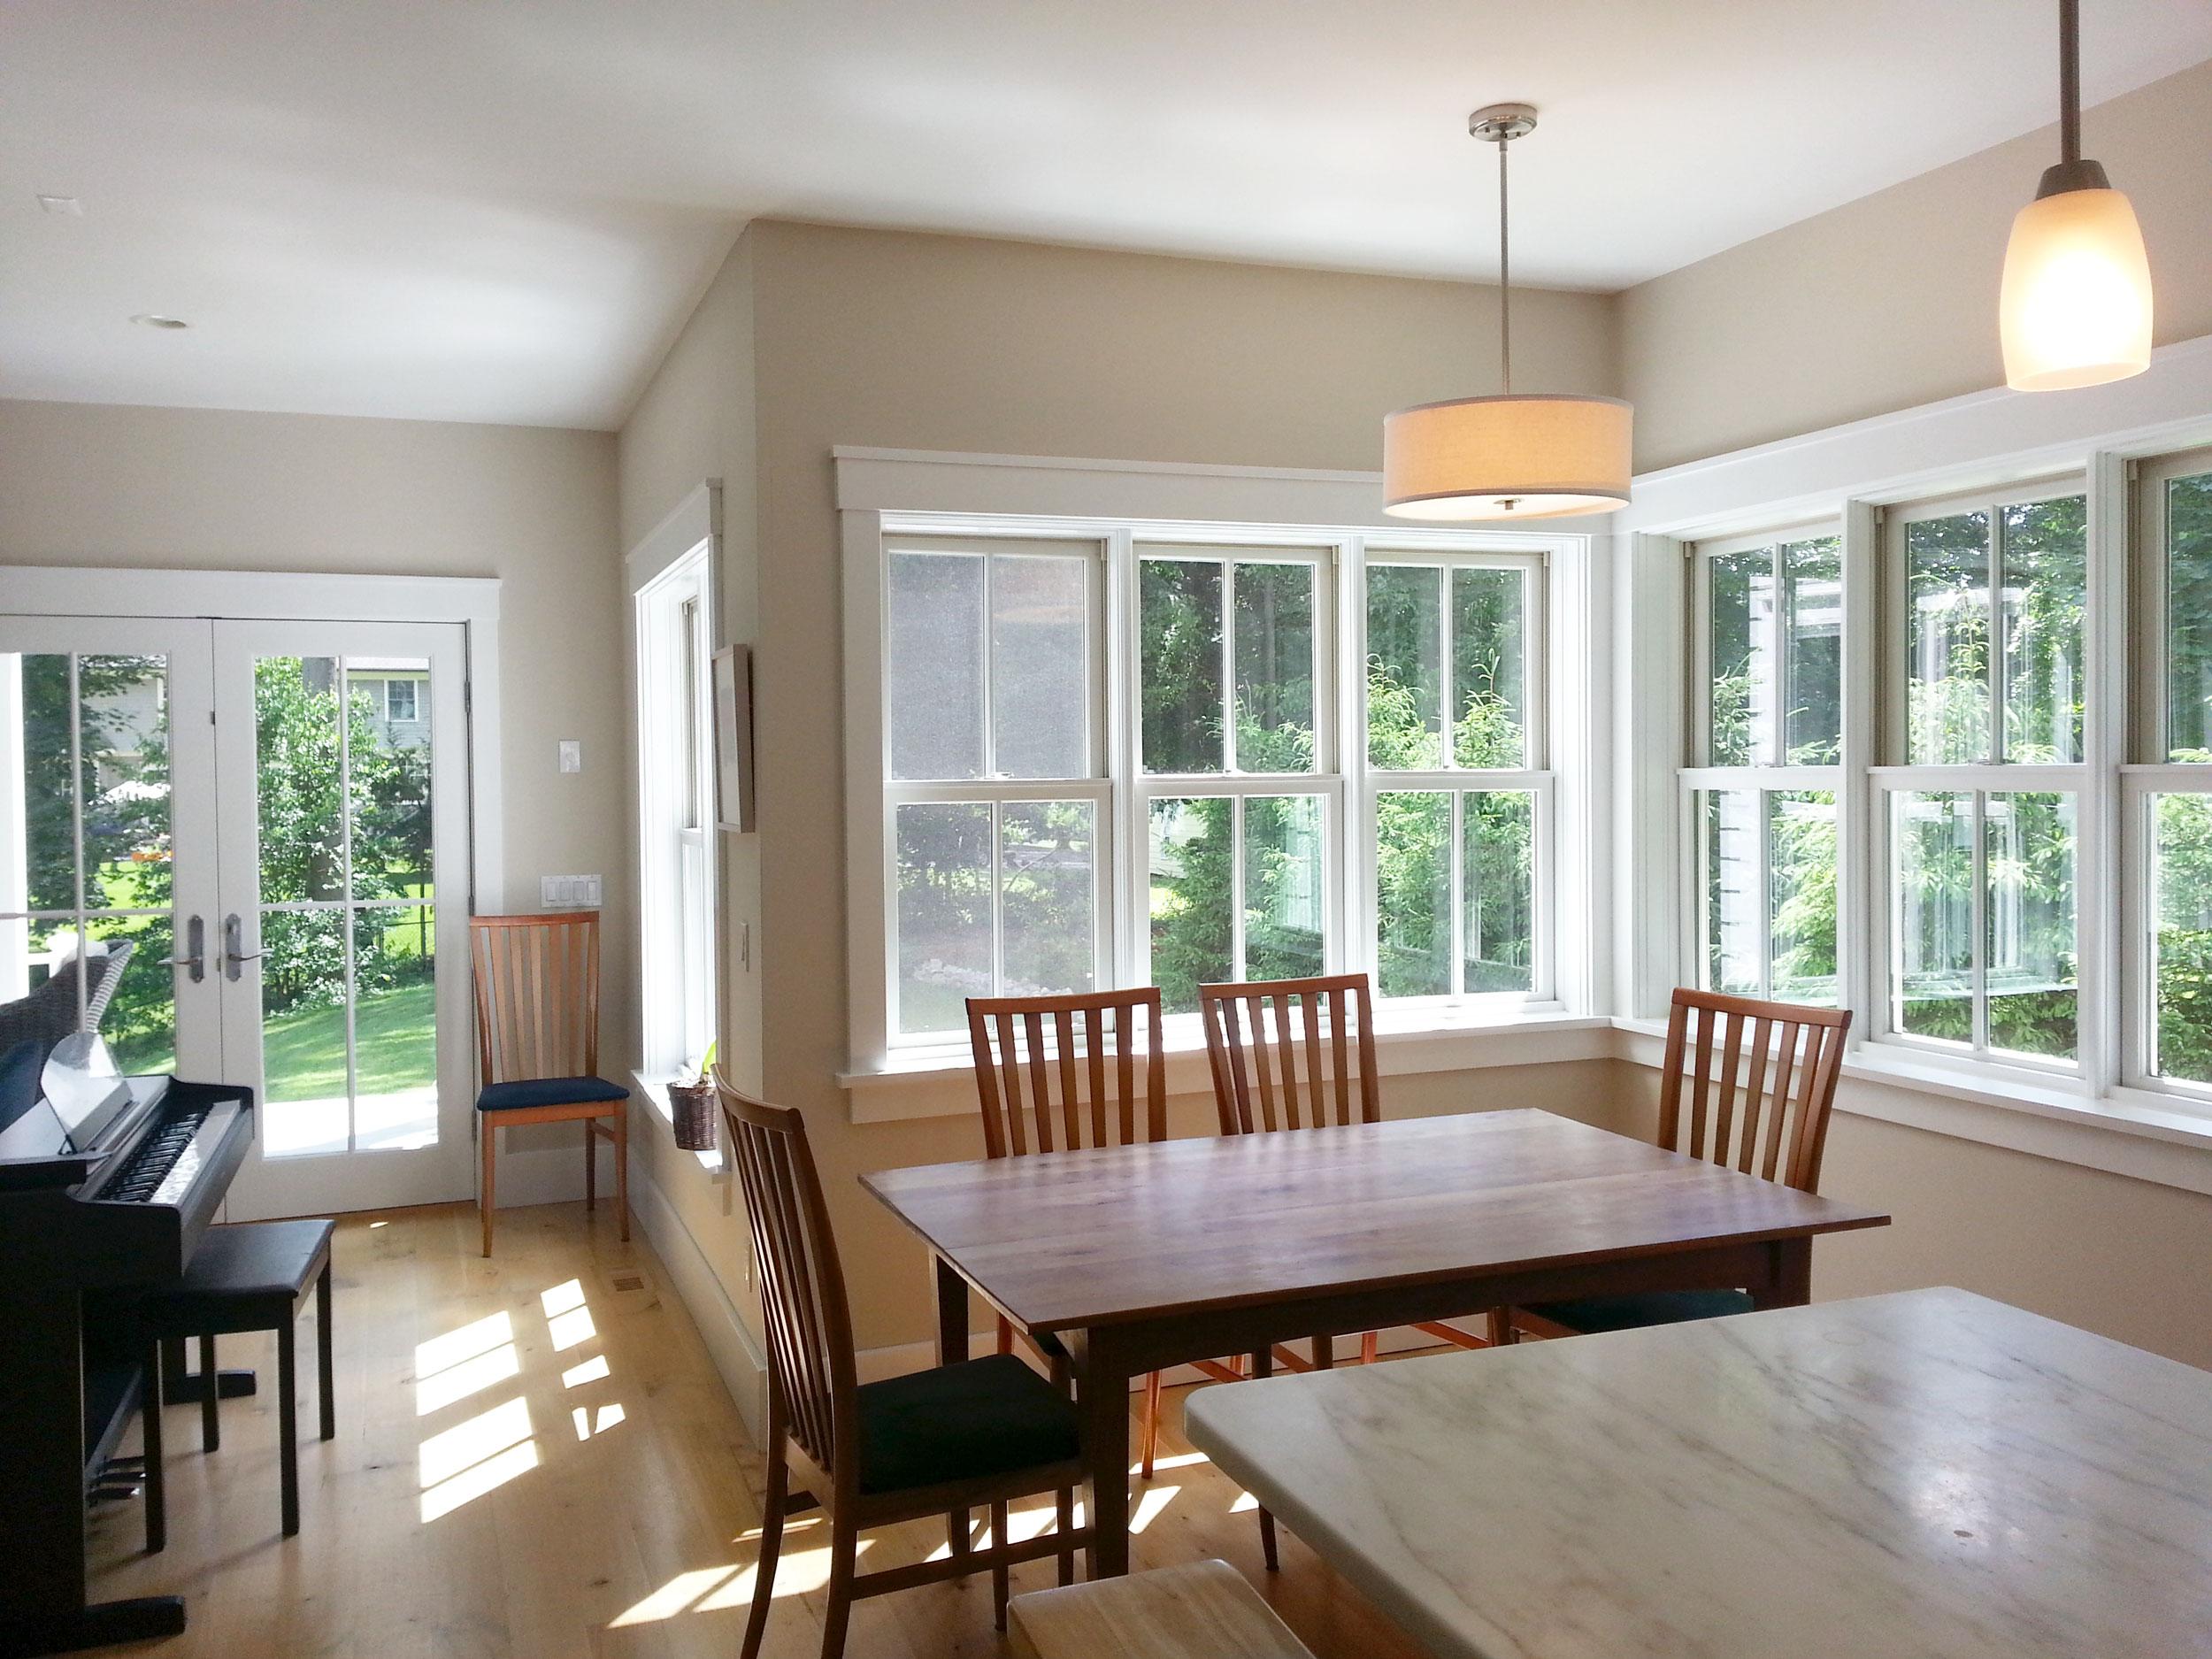 Westport-farmhouse-eat-in-kitchen.jpg